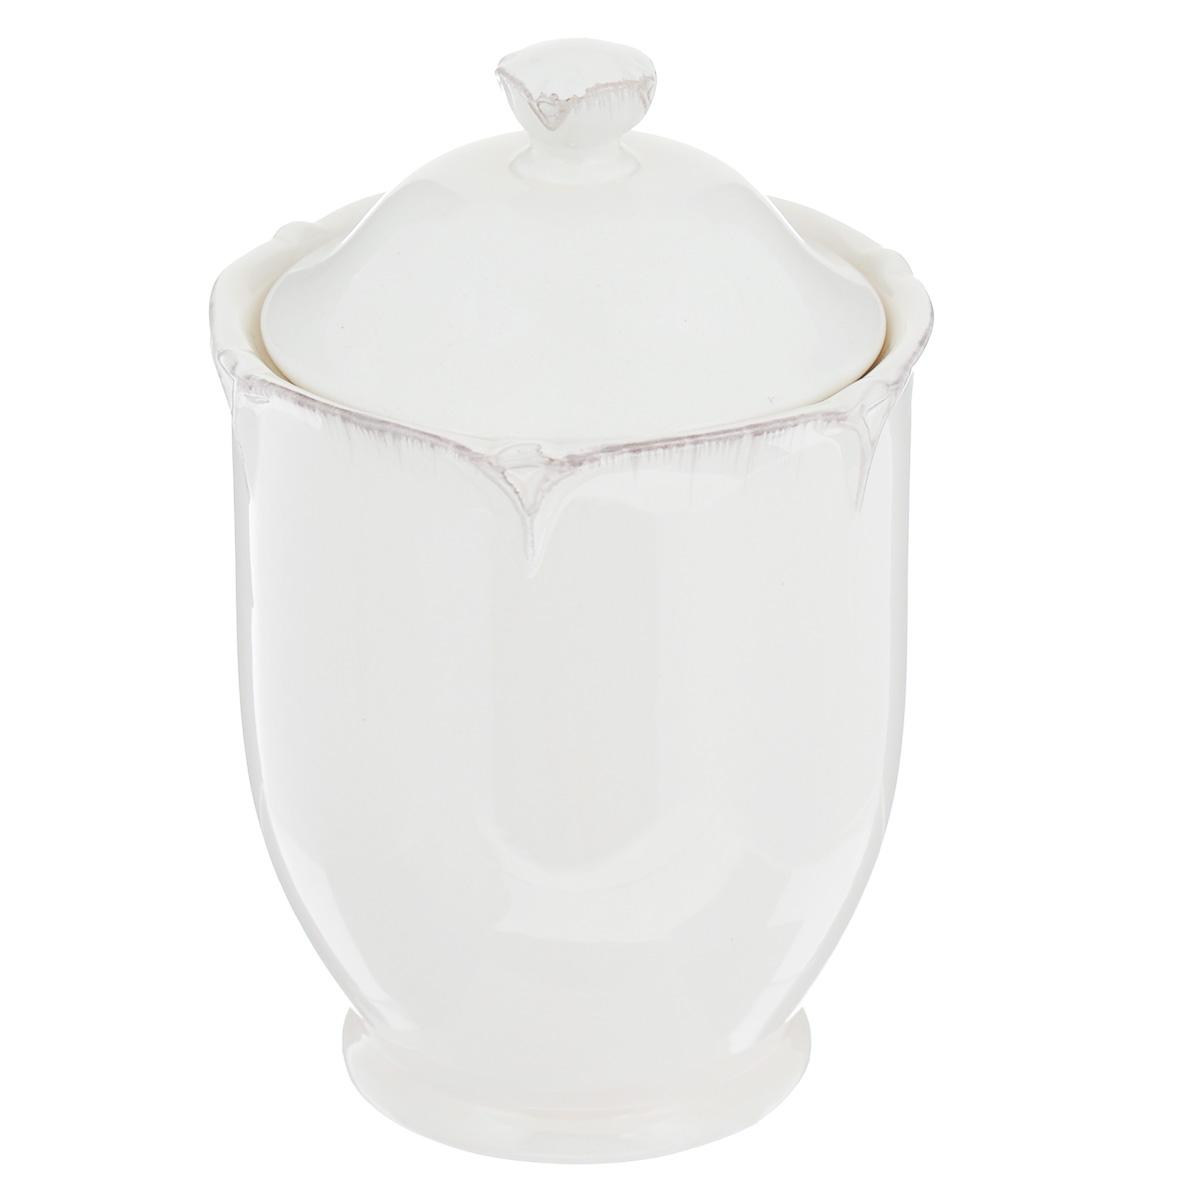 Банка для сыпучих продуктов Lillo Ideal, цвет: молочный, 700 мл банка для чая lf ceramic лаванда 700 мл